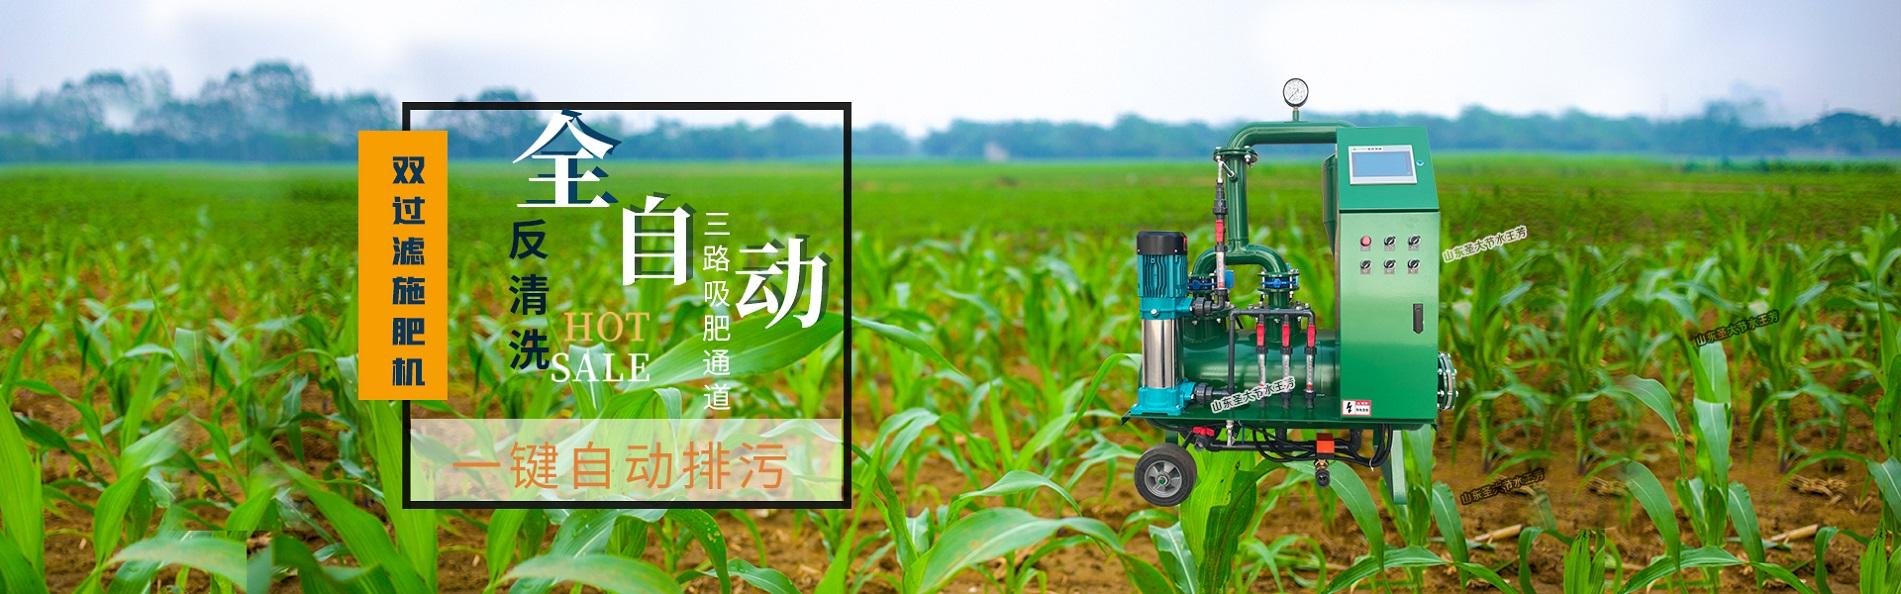 全自动双过滤施肥机厂家山东圣大节水科技有限公司